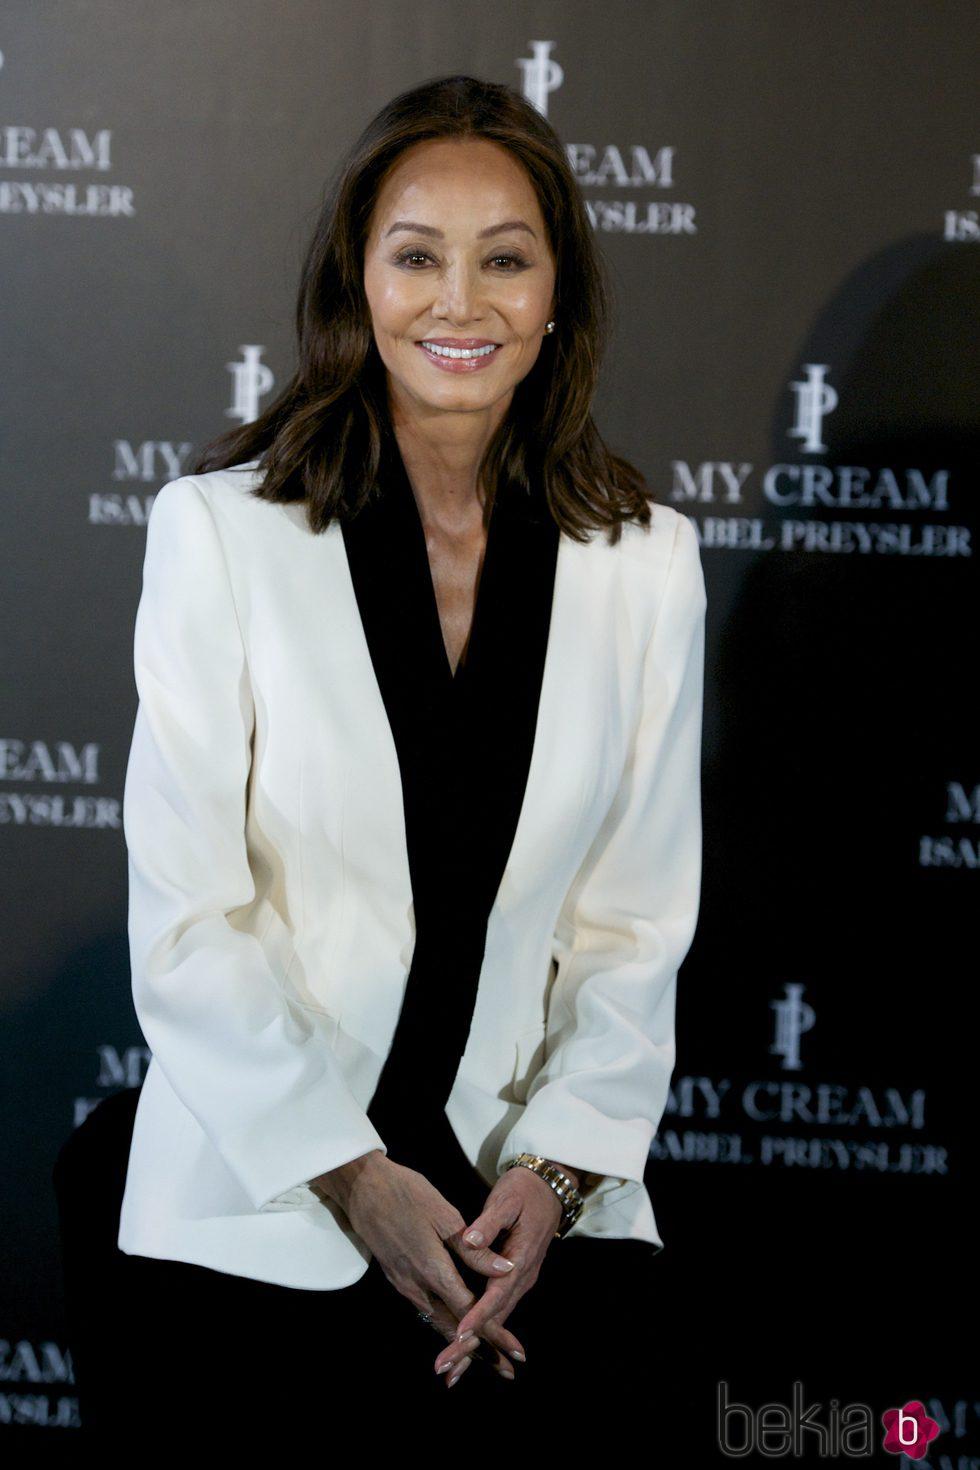 Isabel Preysler en la presentación de su línea de cosméticos 'My Cream'